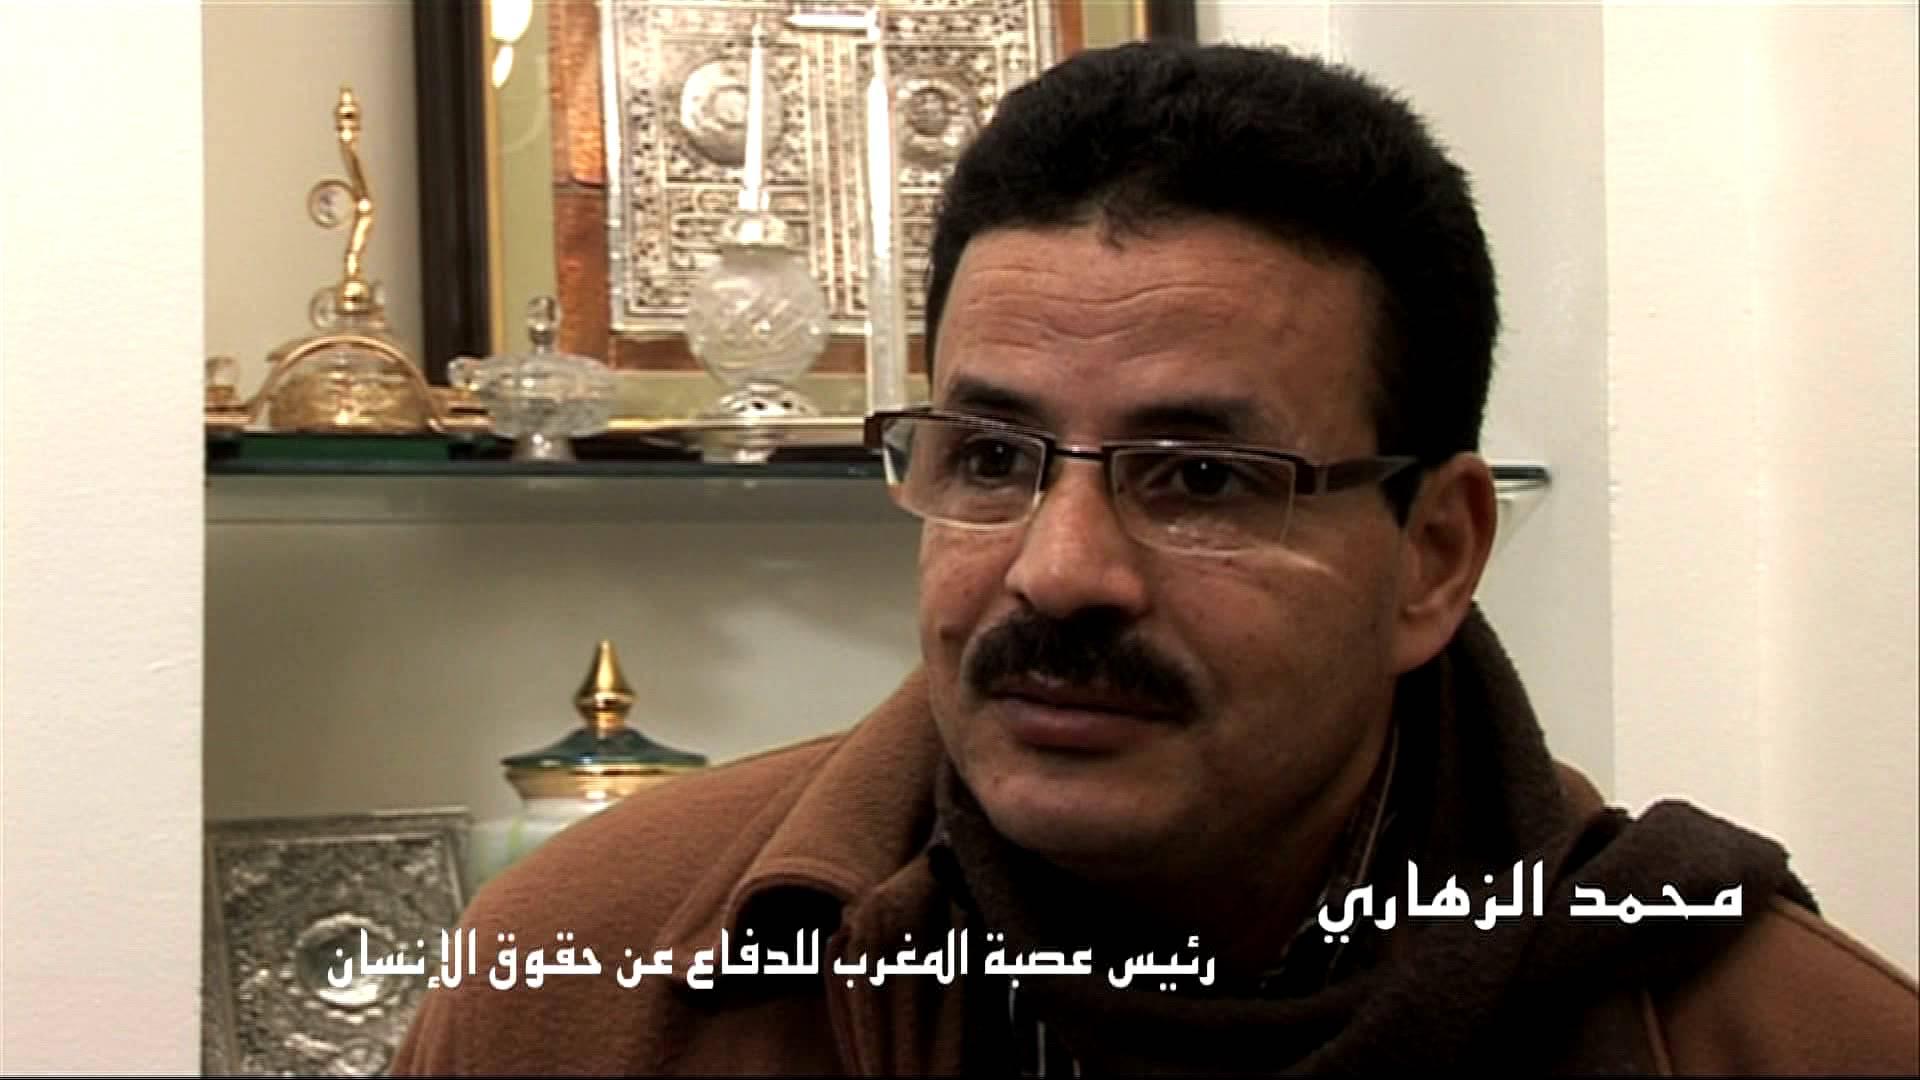 تصريح ذ.محمد الزهاري إثر وفاة الإمام المجدد ياسين